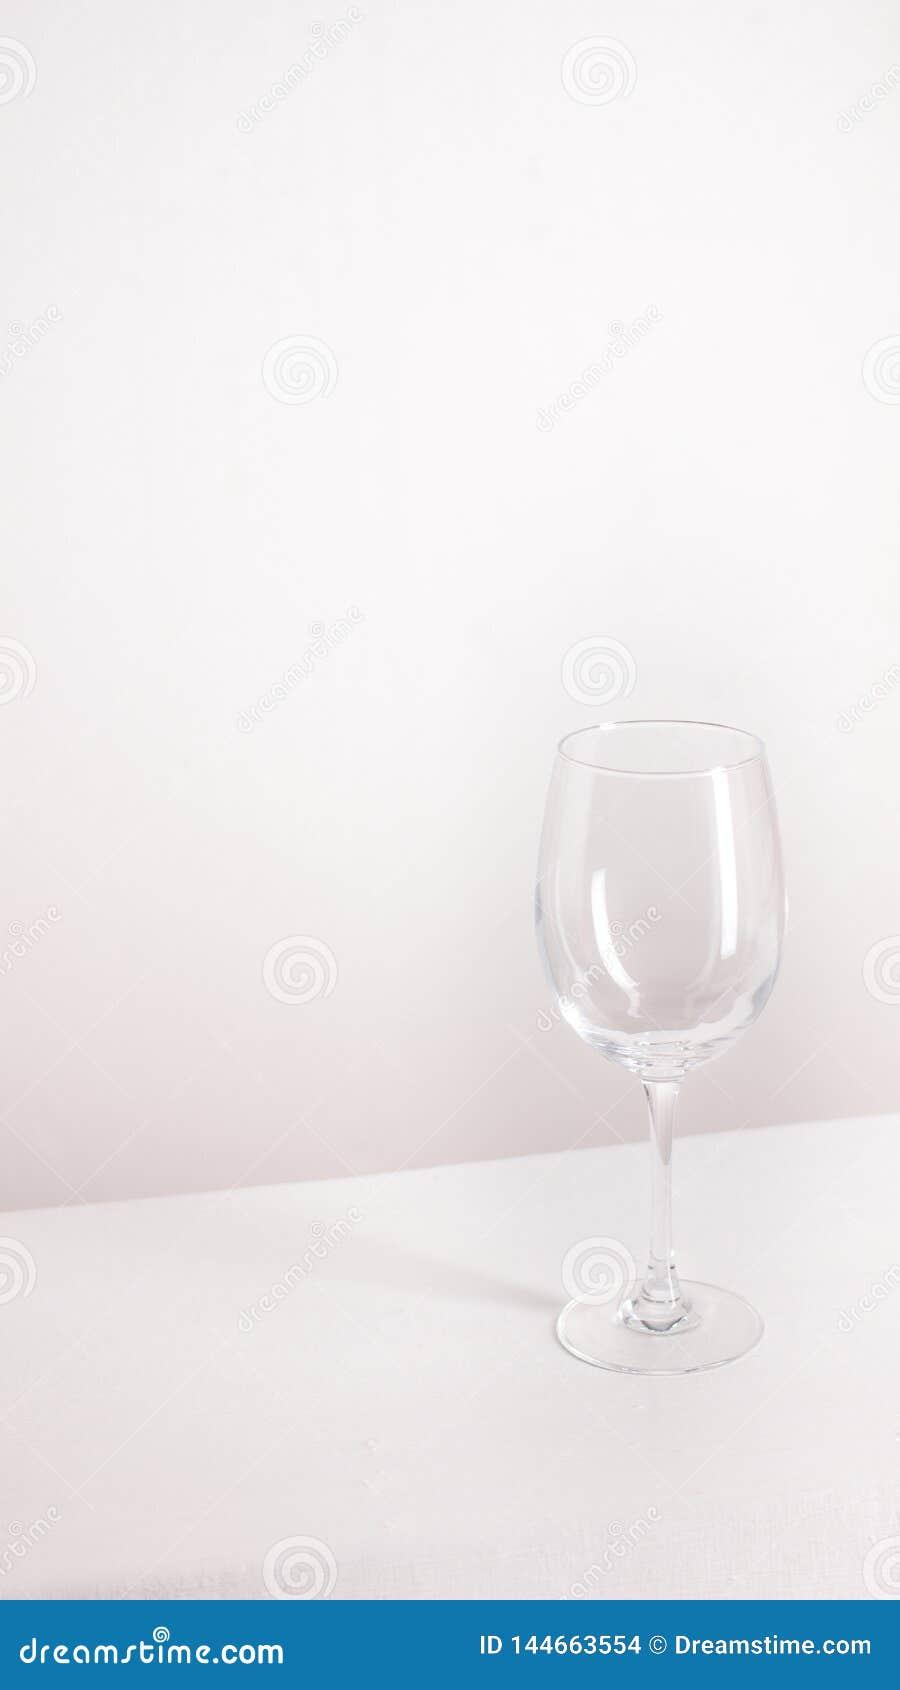 Odosobneni pu?ci wina szk?a stojaki na szarym tle